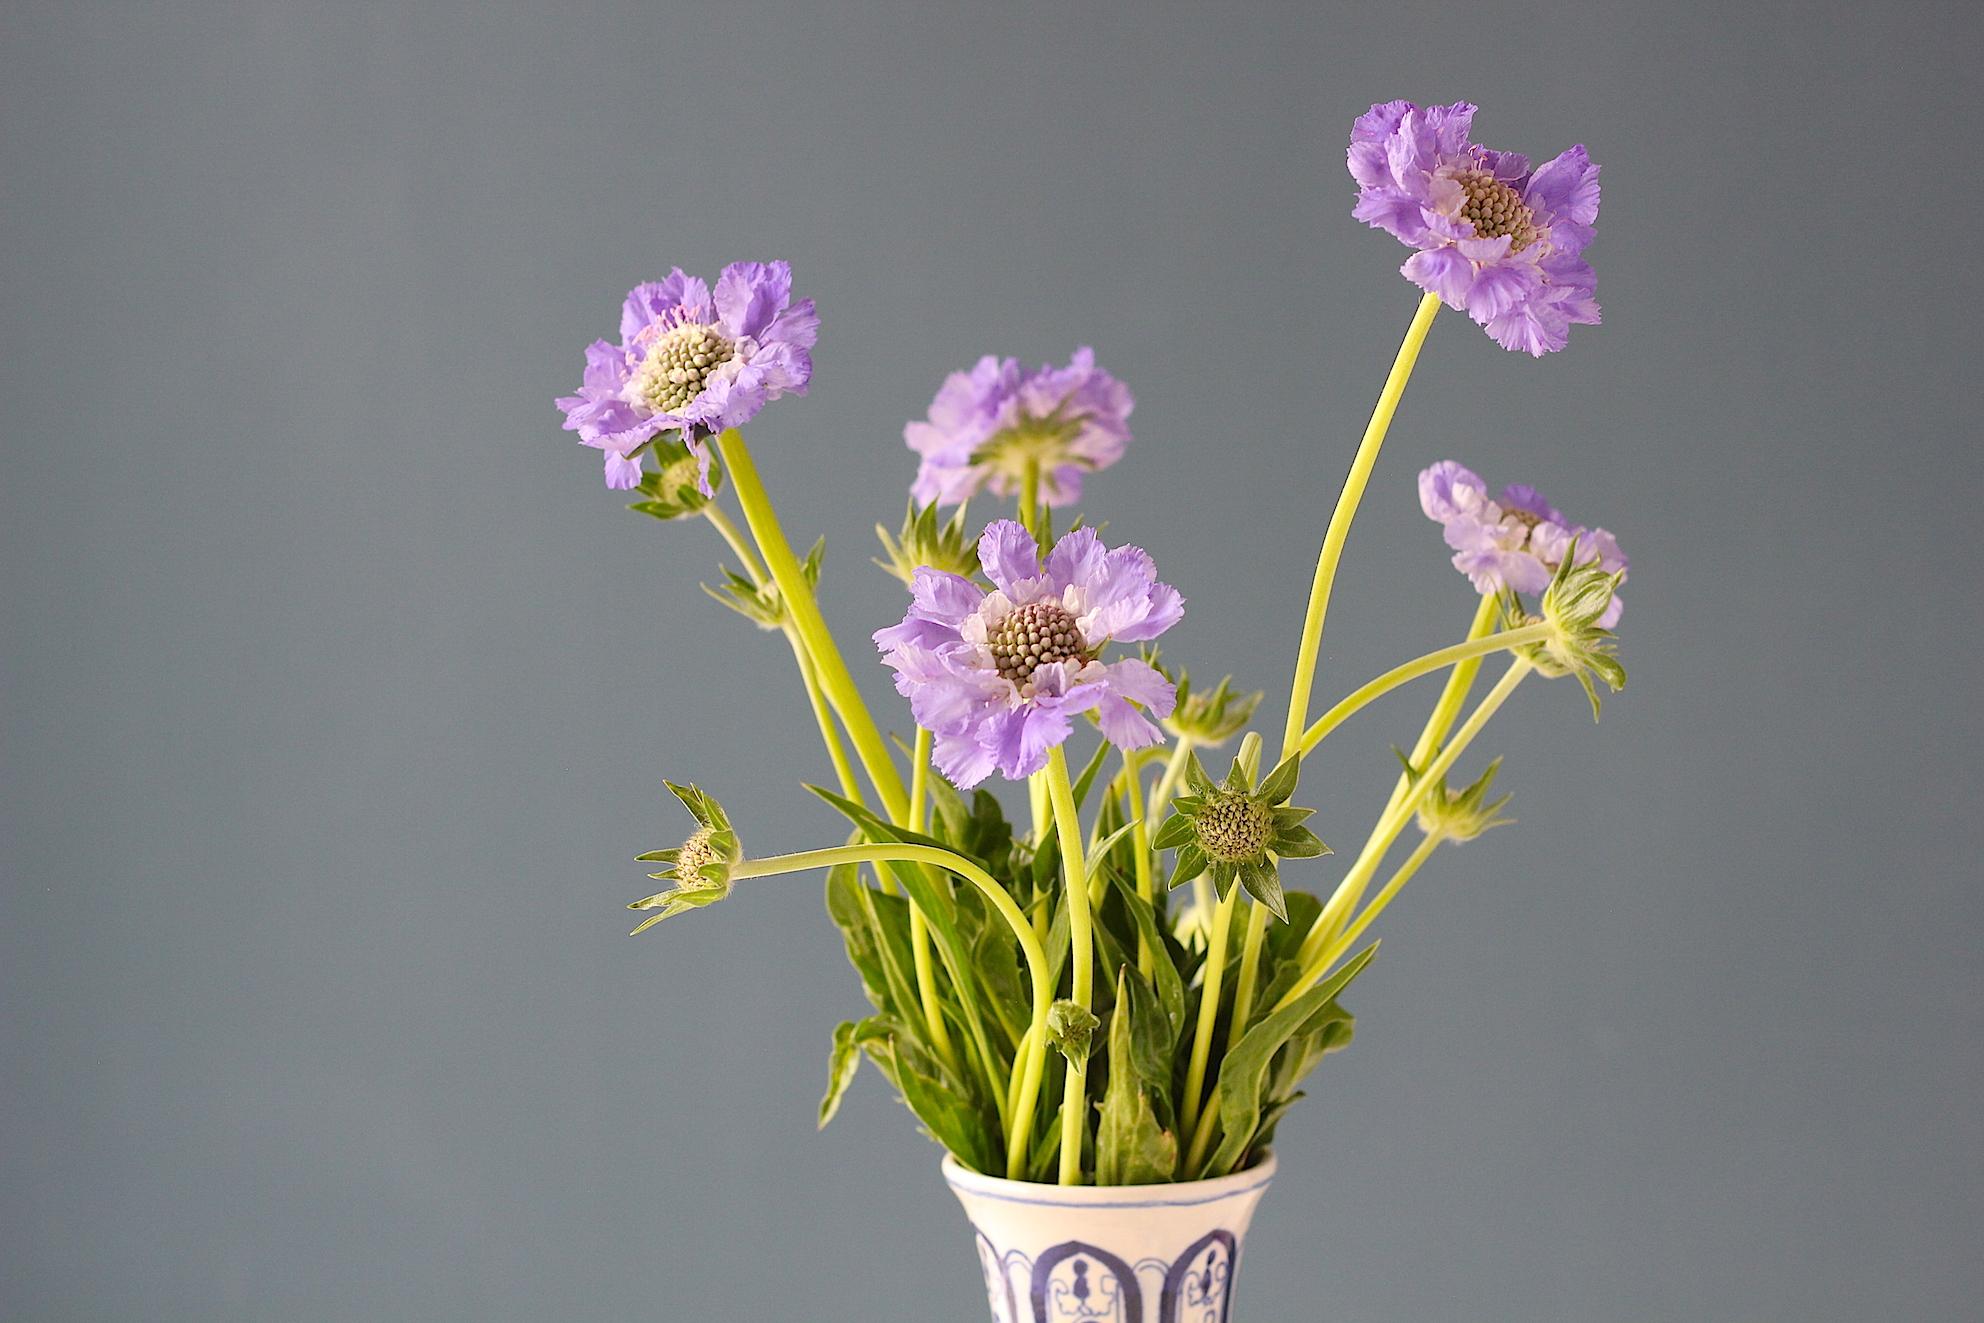 Duifkruid, mooi als tuinplant of als snijbloem | ENJOY! The Good Life